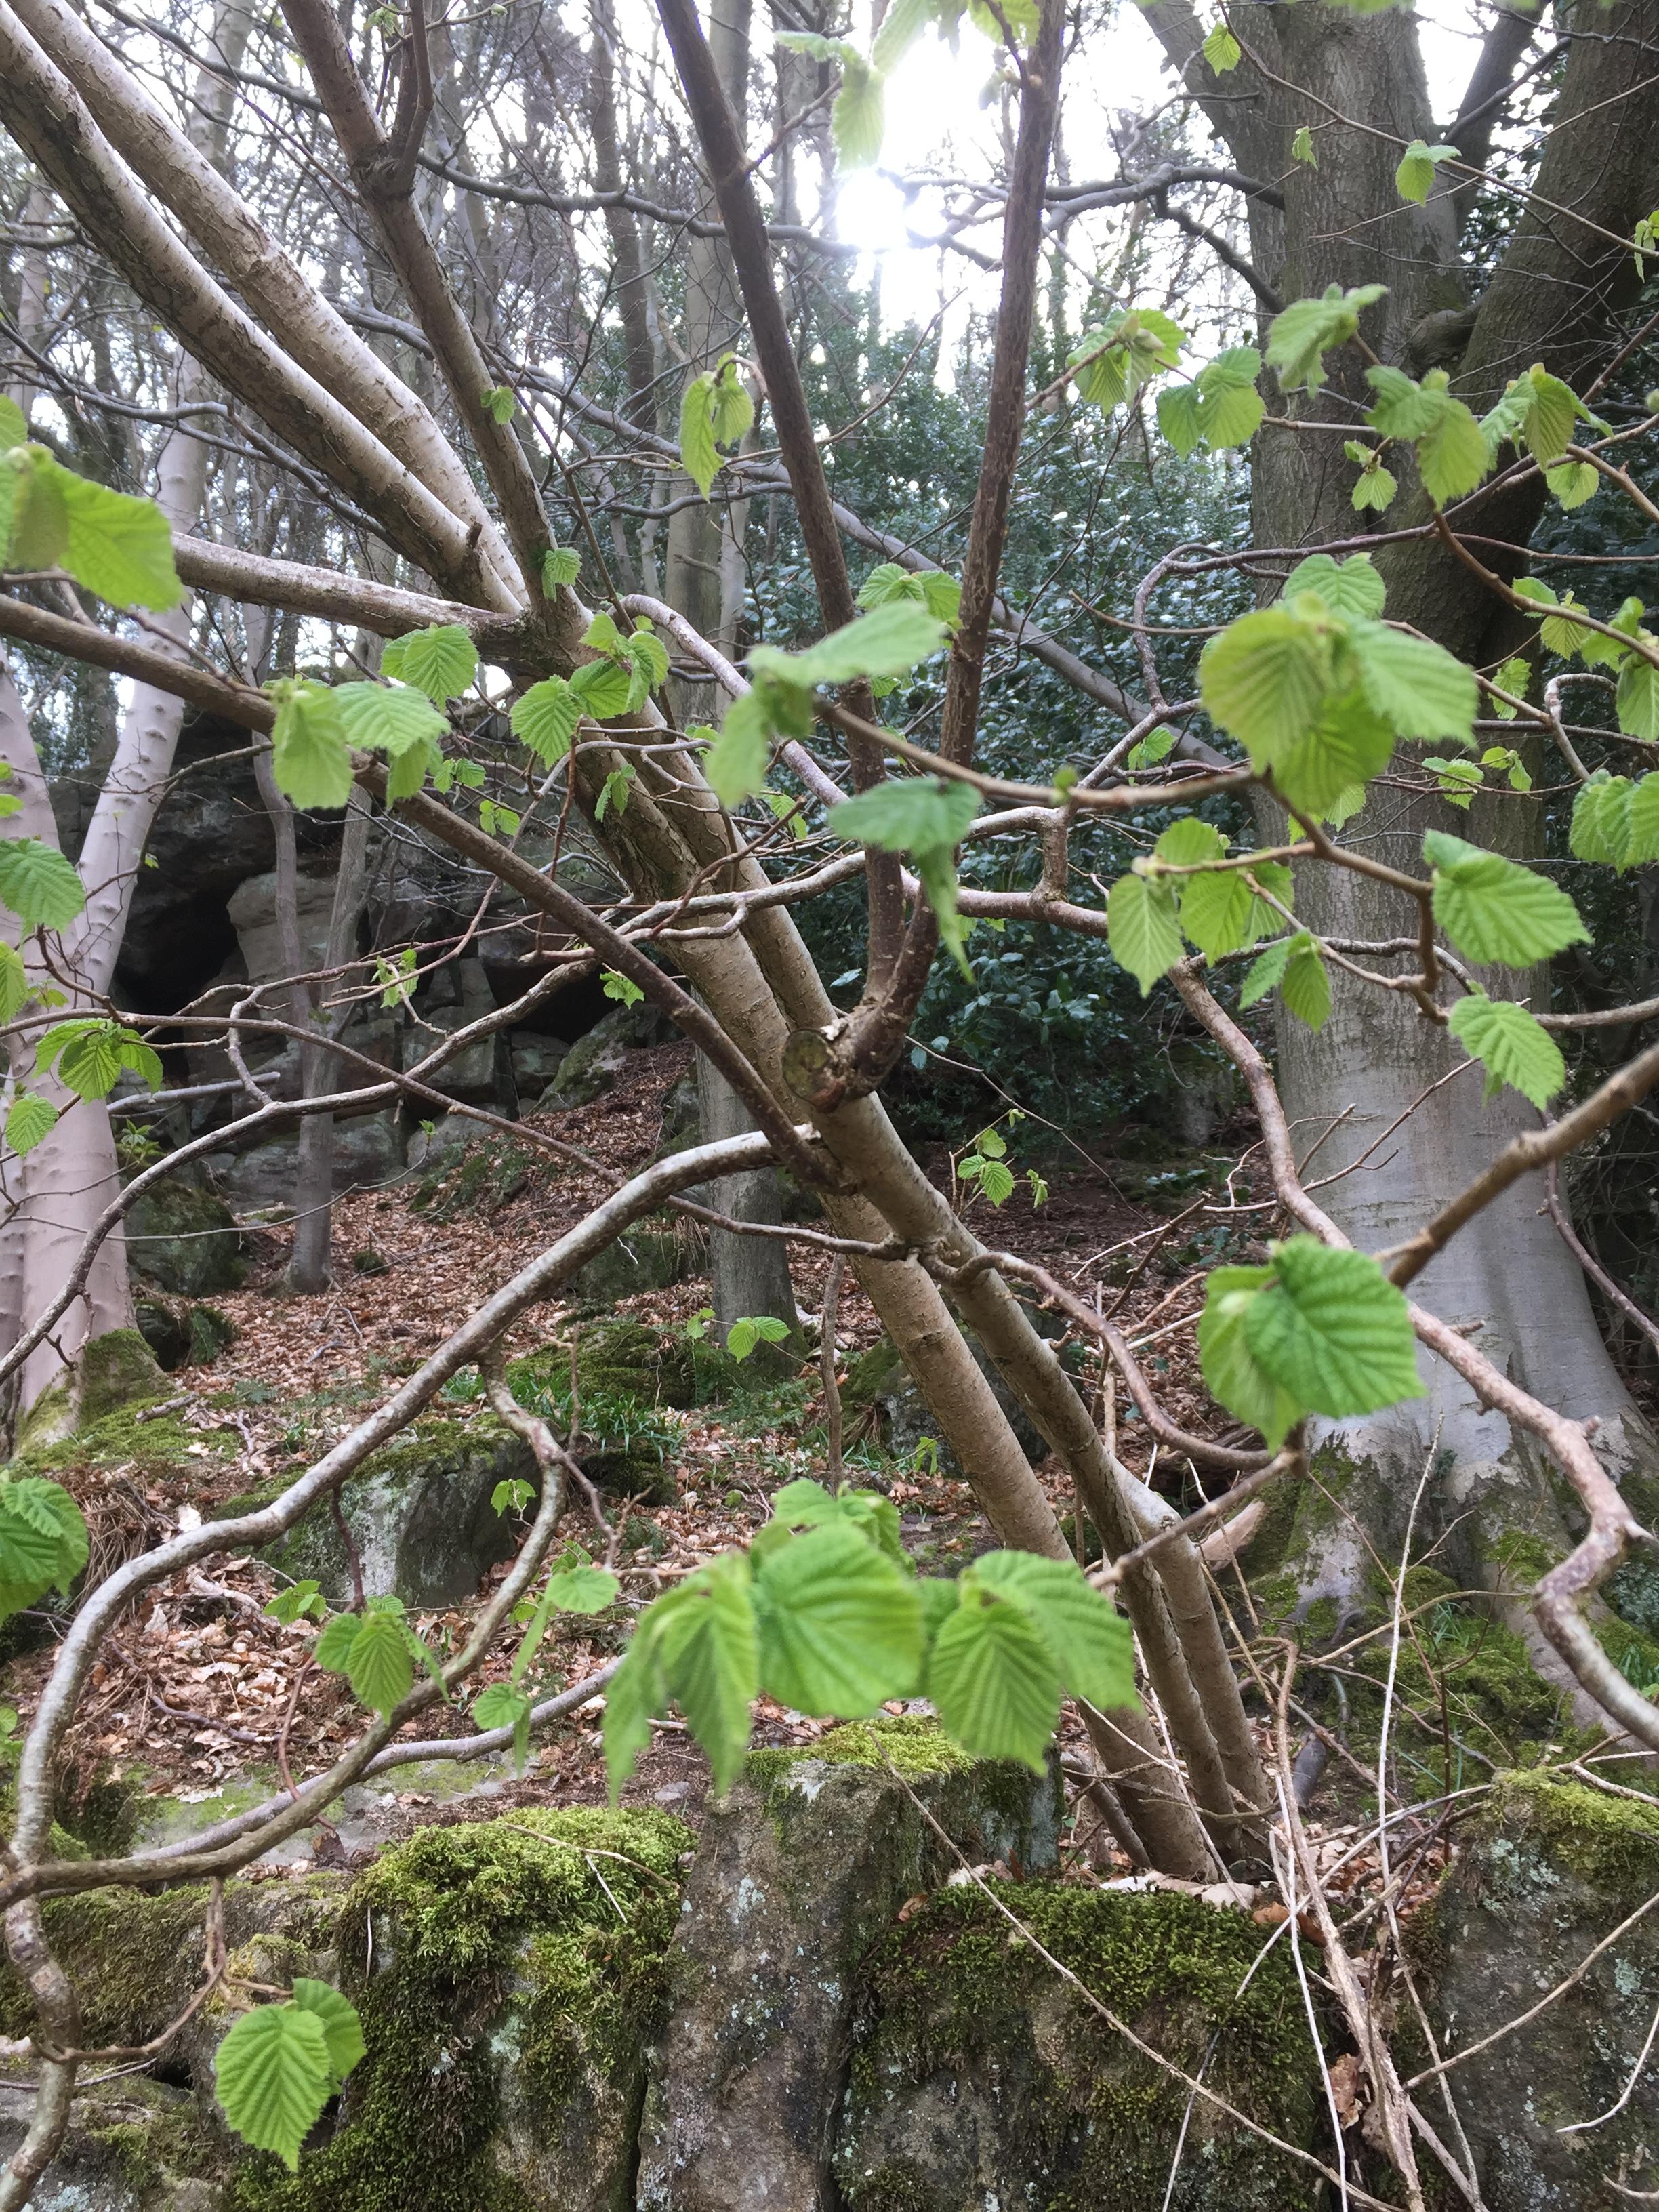 11 May - Tricksy trees 3